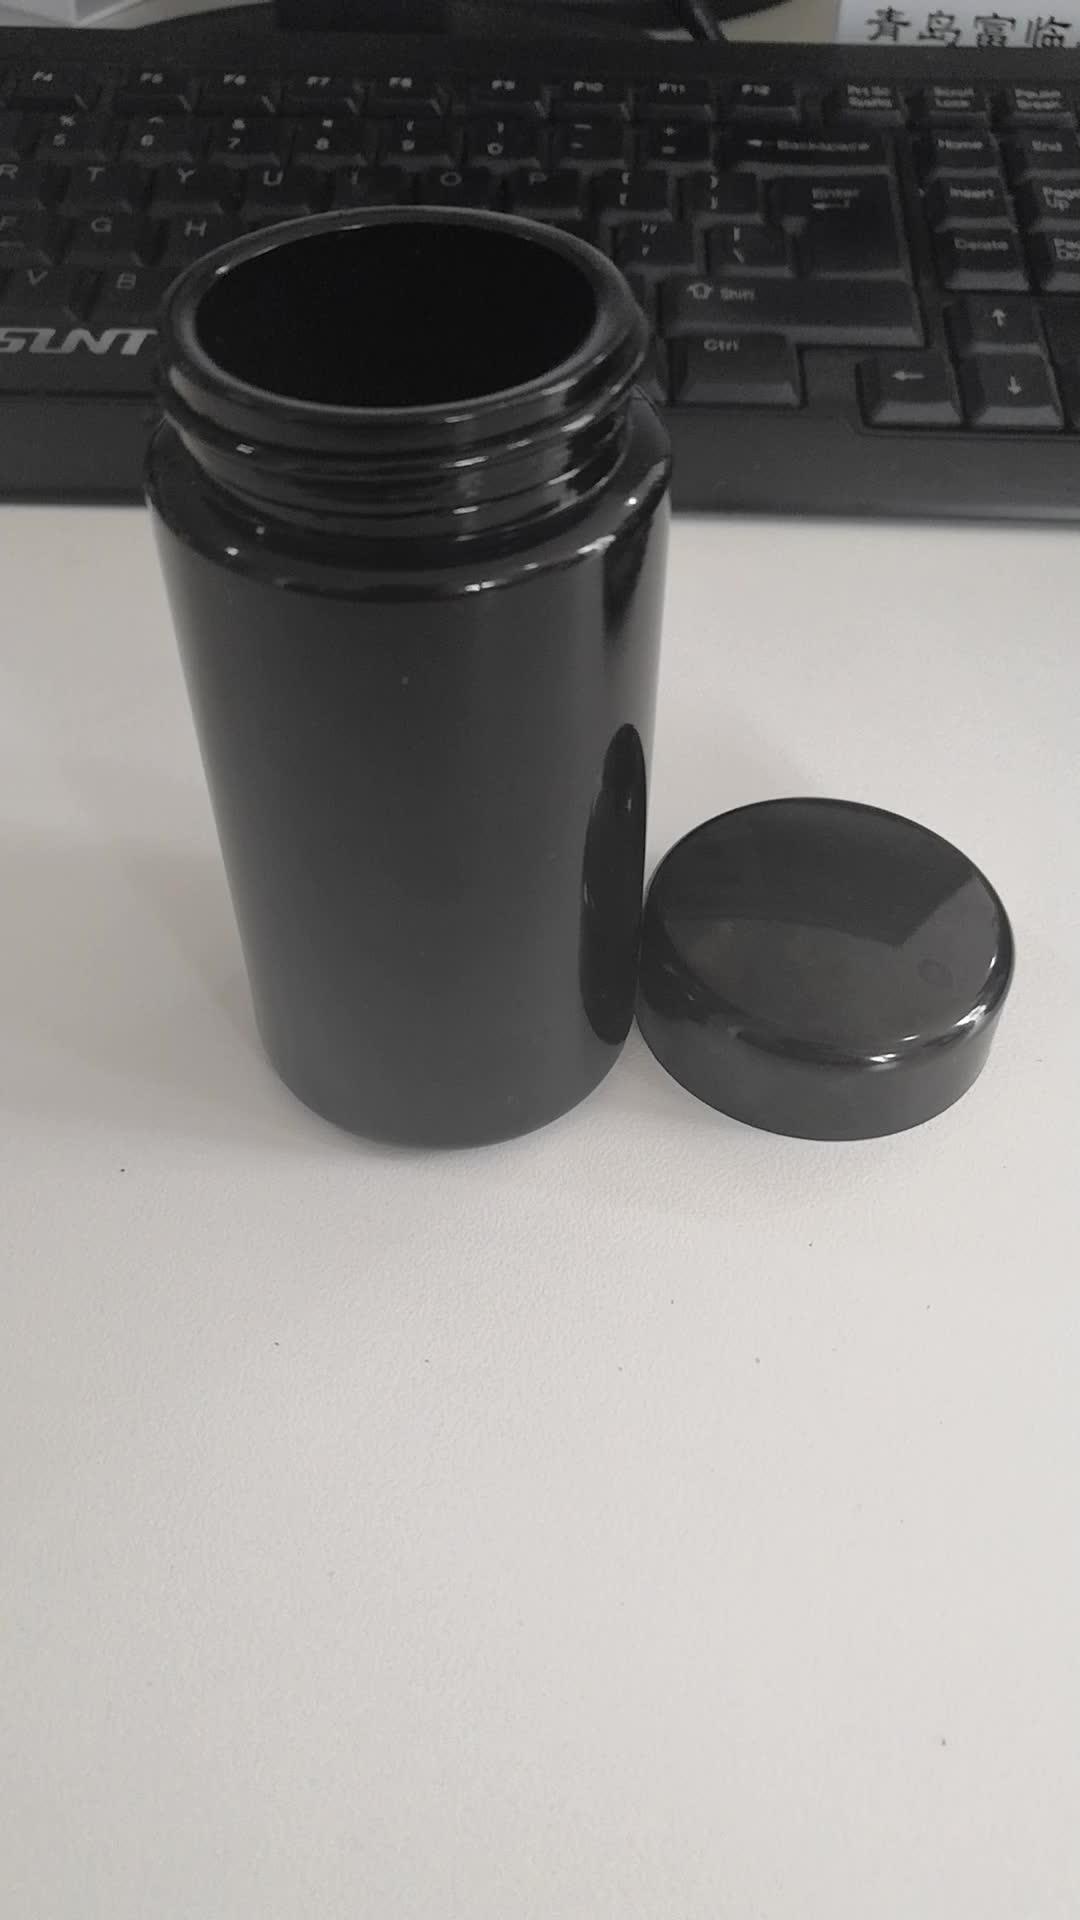 4 unzen transfer druck kind beständig flache deckel jar oder klar und alle schwarz klarglas flasche für hanf